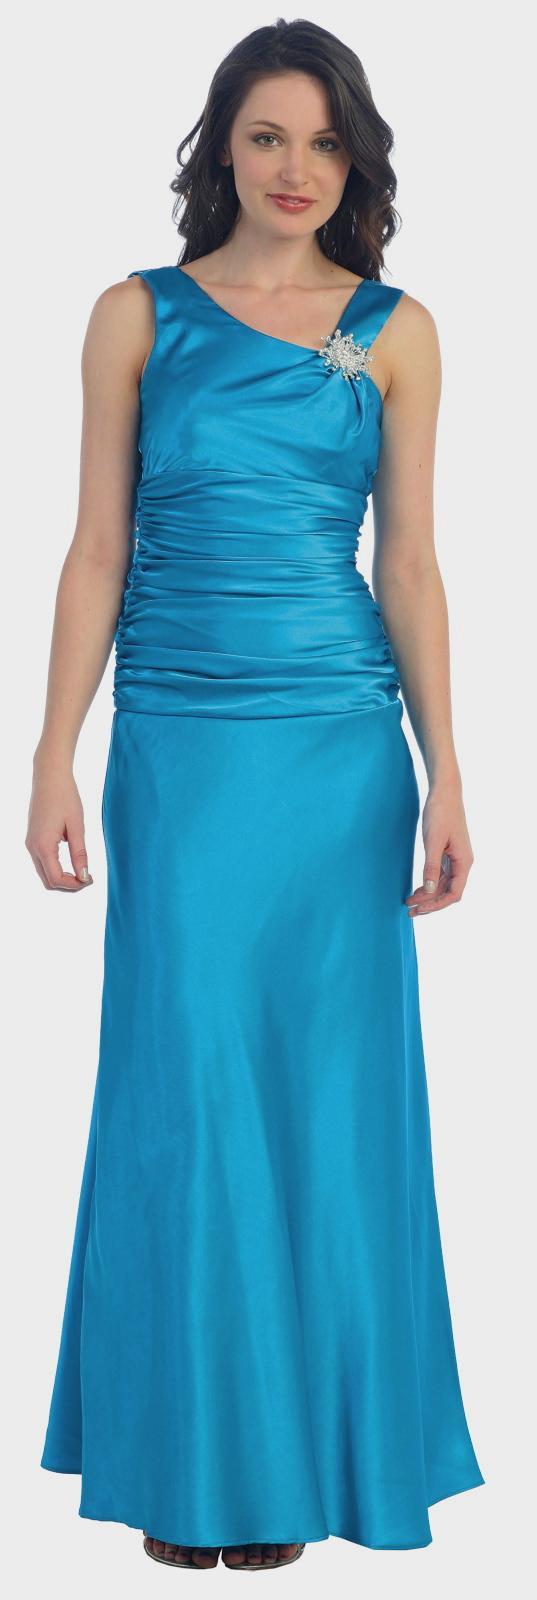 Prom dressbr evening dress under br br make a splash